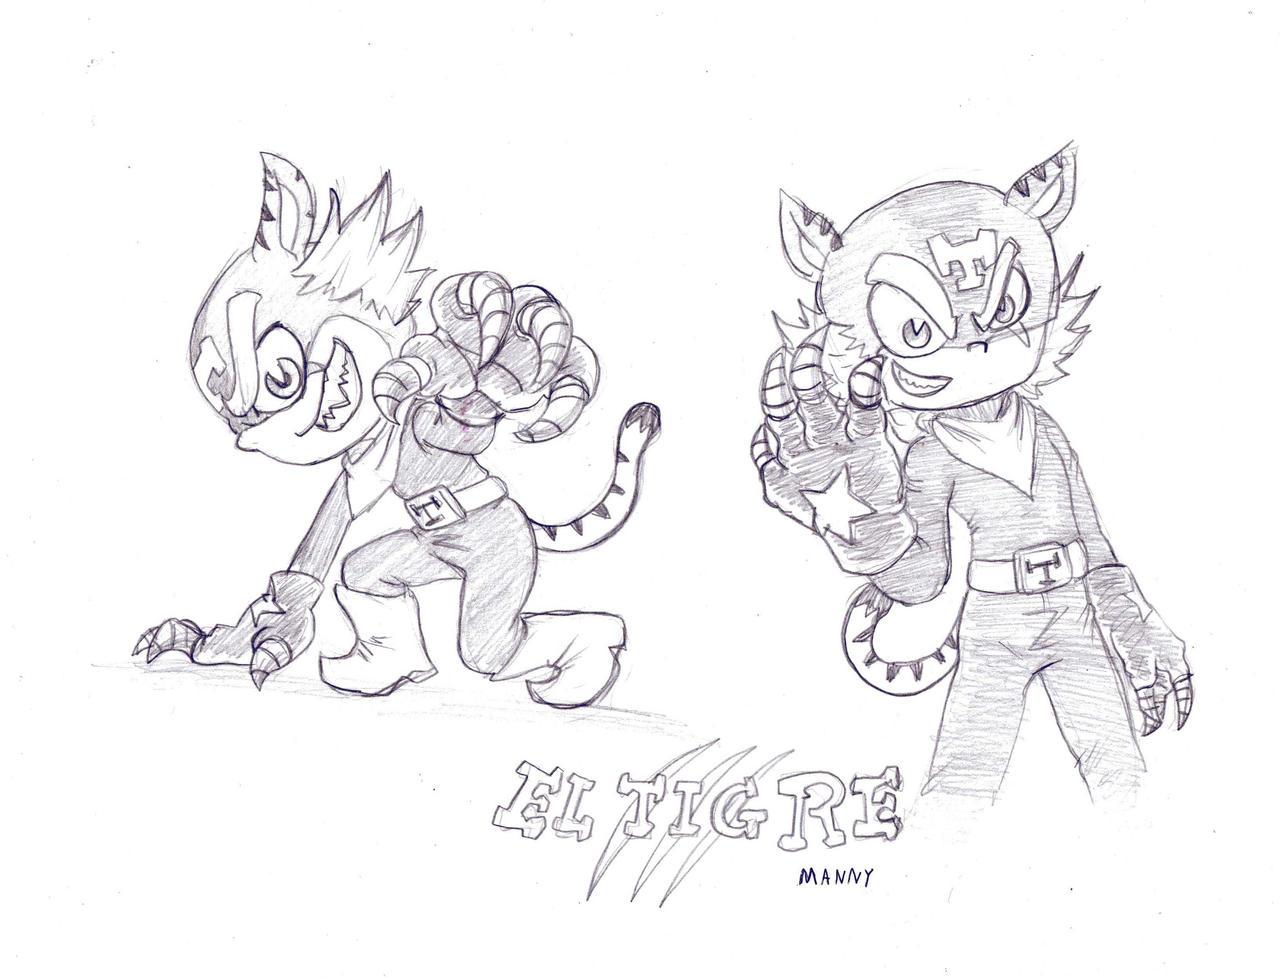 Tigre Sketch: El Tigre: El Tigre Sketch By Rubtox On DeviantArt